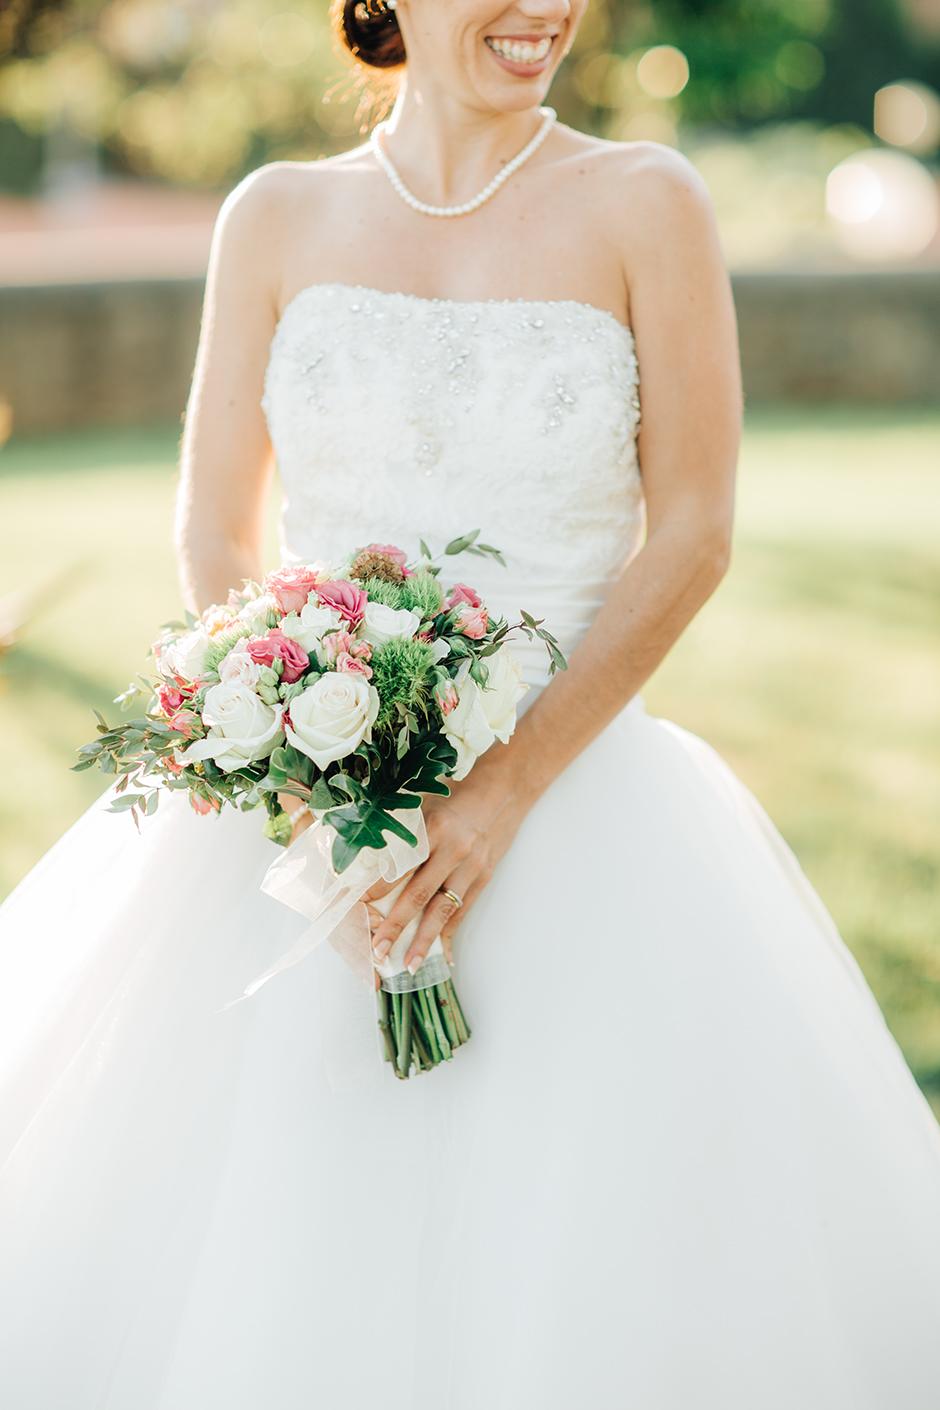 Wedding Casamento Jaime Neto Photography S+S Maio 2015_081